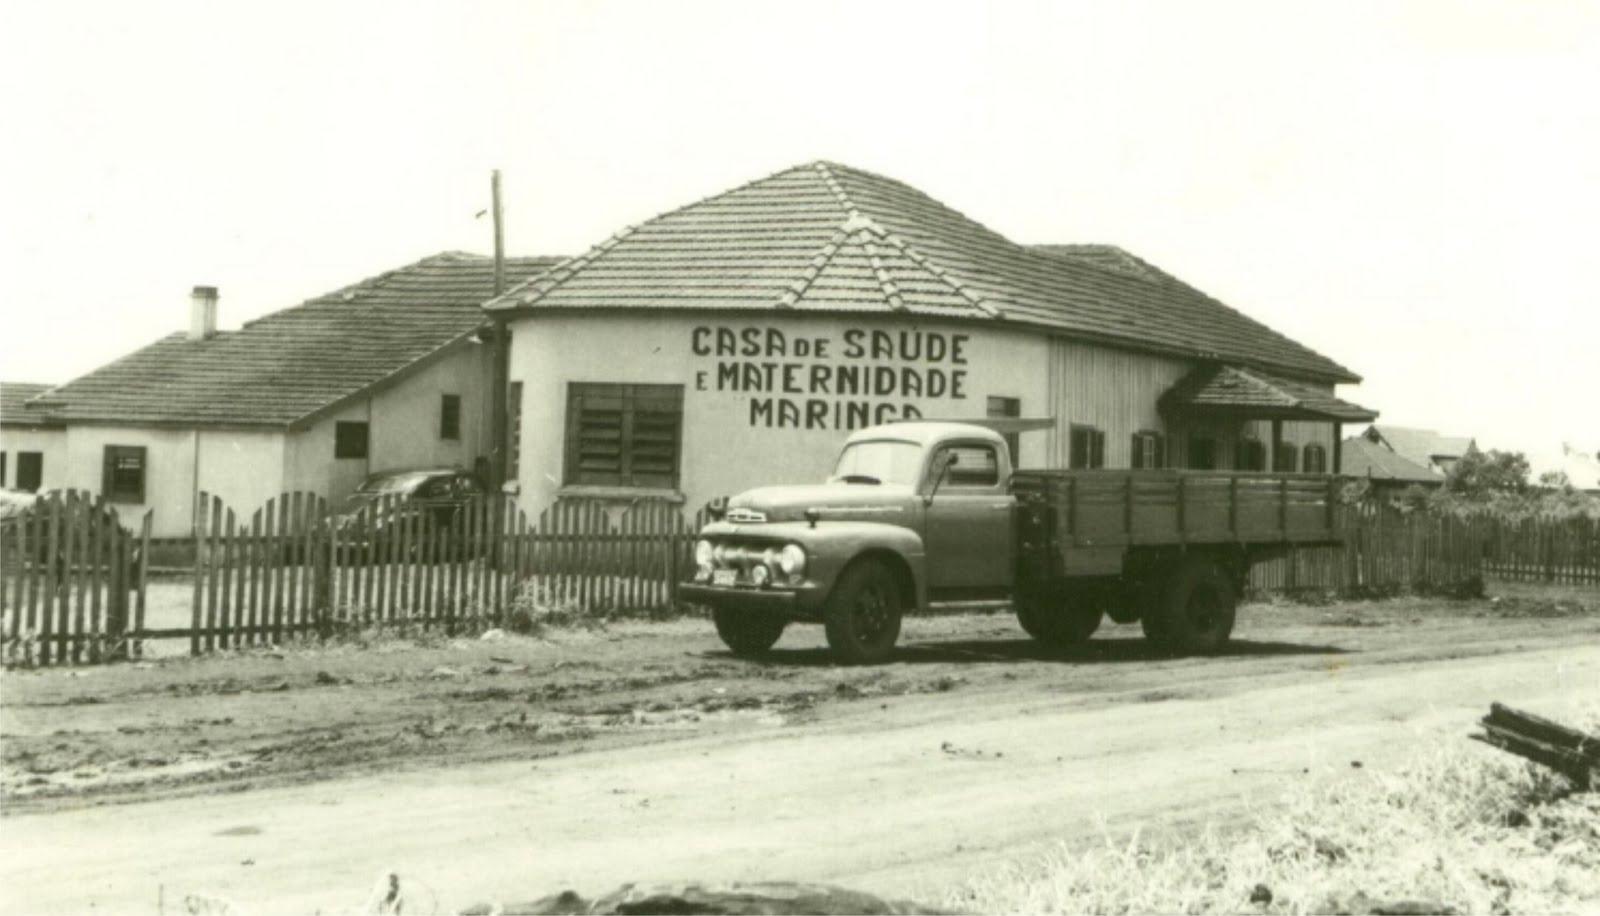 Casa de Saúde e Maternidade Maringá - 1953